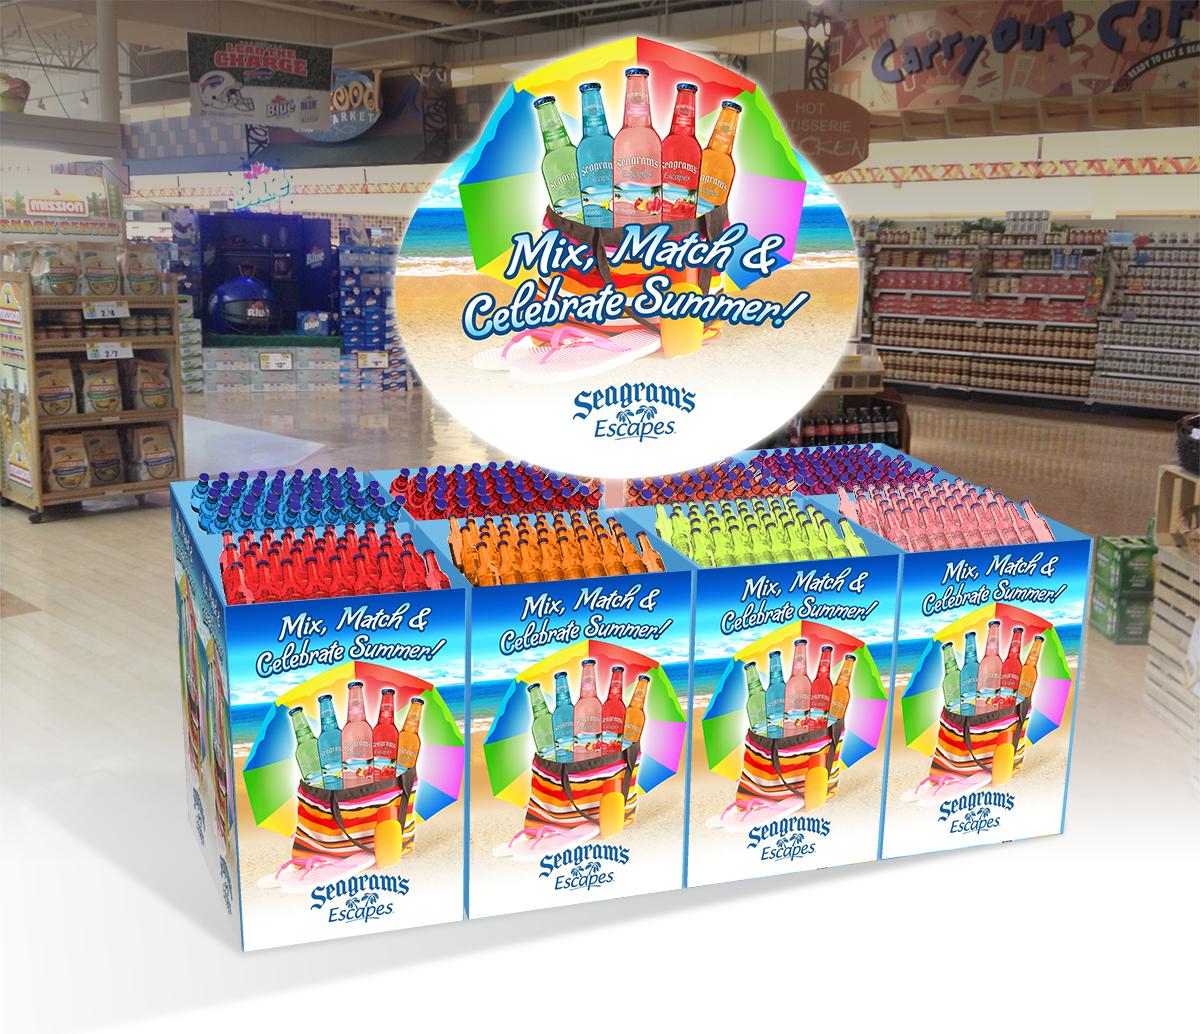 POCM-3D-store-environment-07.jpg